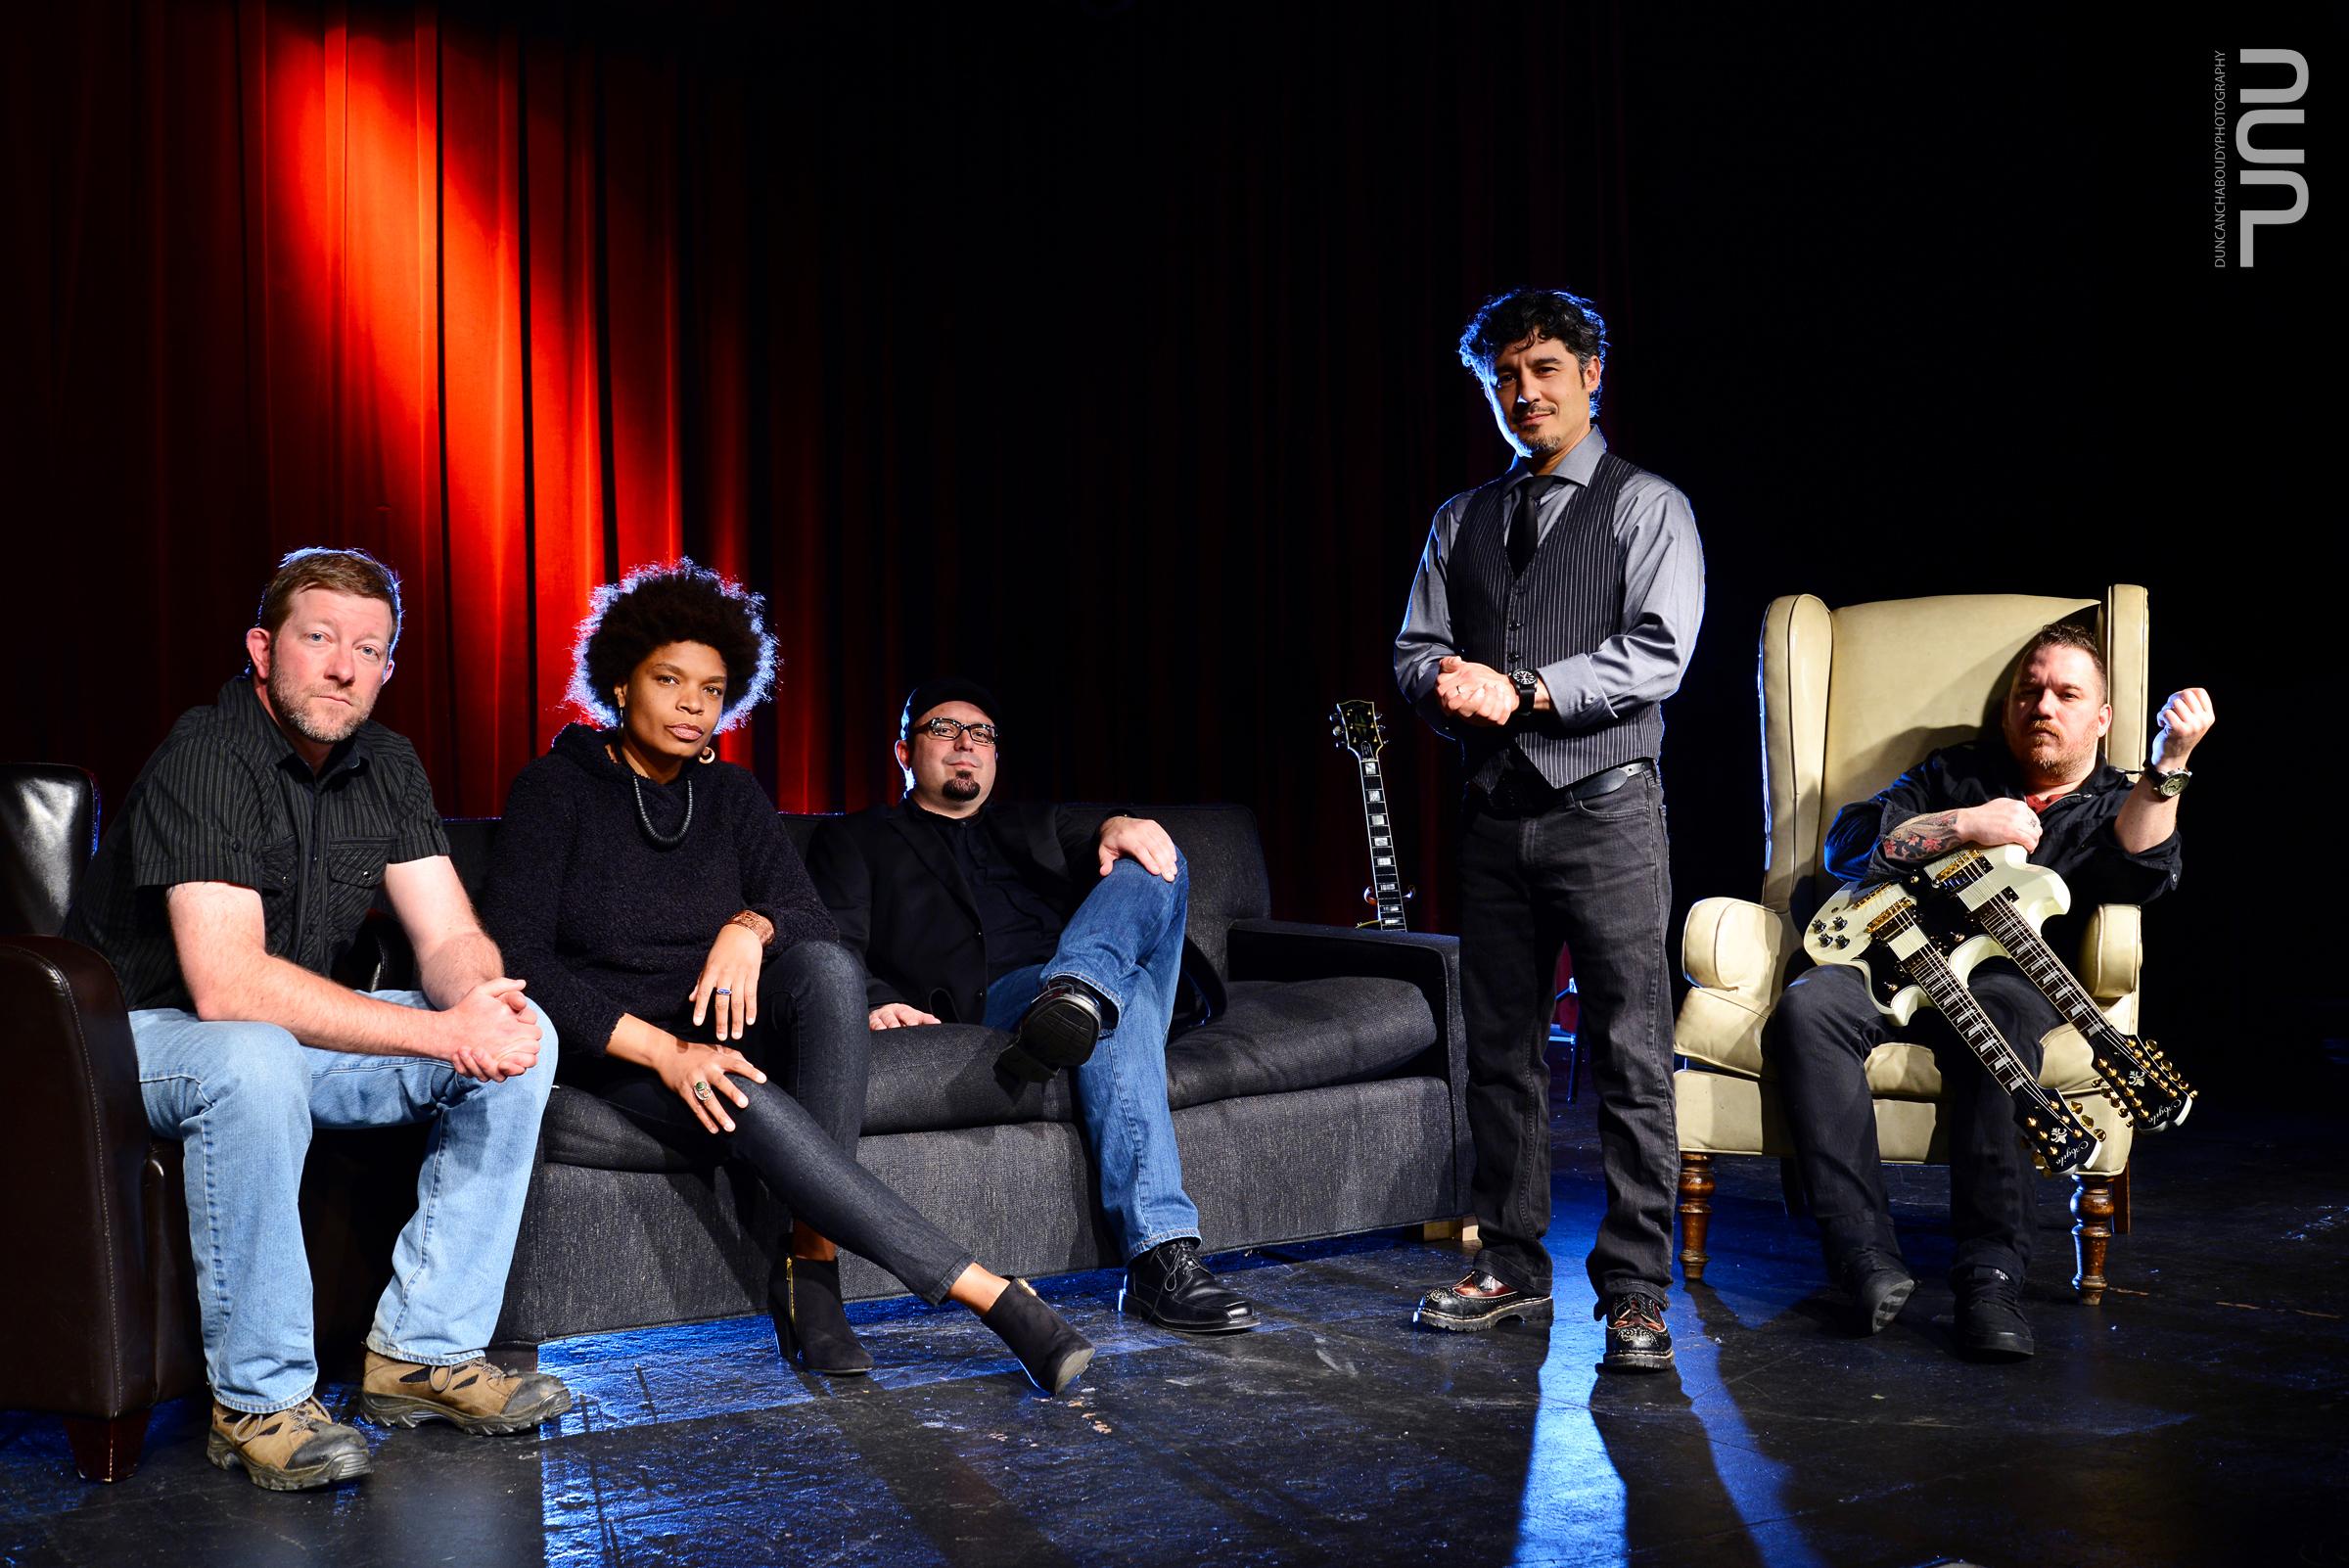 Santiago y Los Gatos Negros at The Orange Peel in Asheville, North Carolina. March 2014